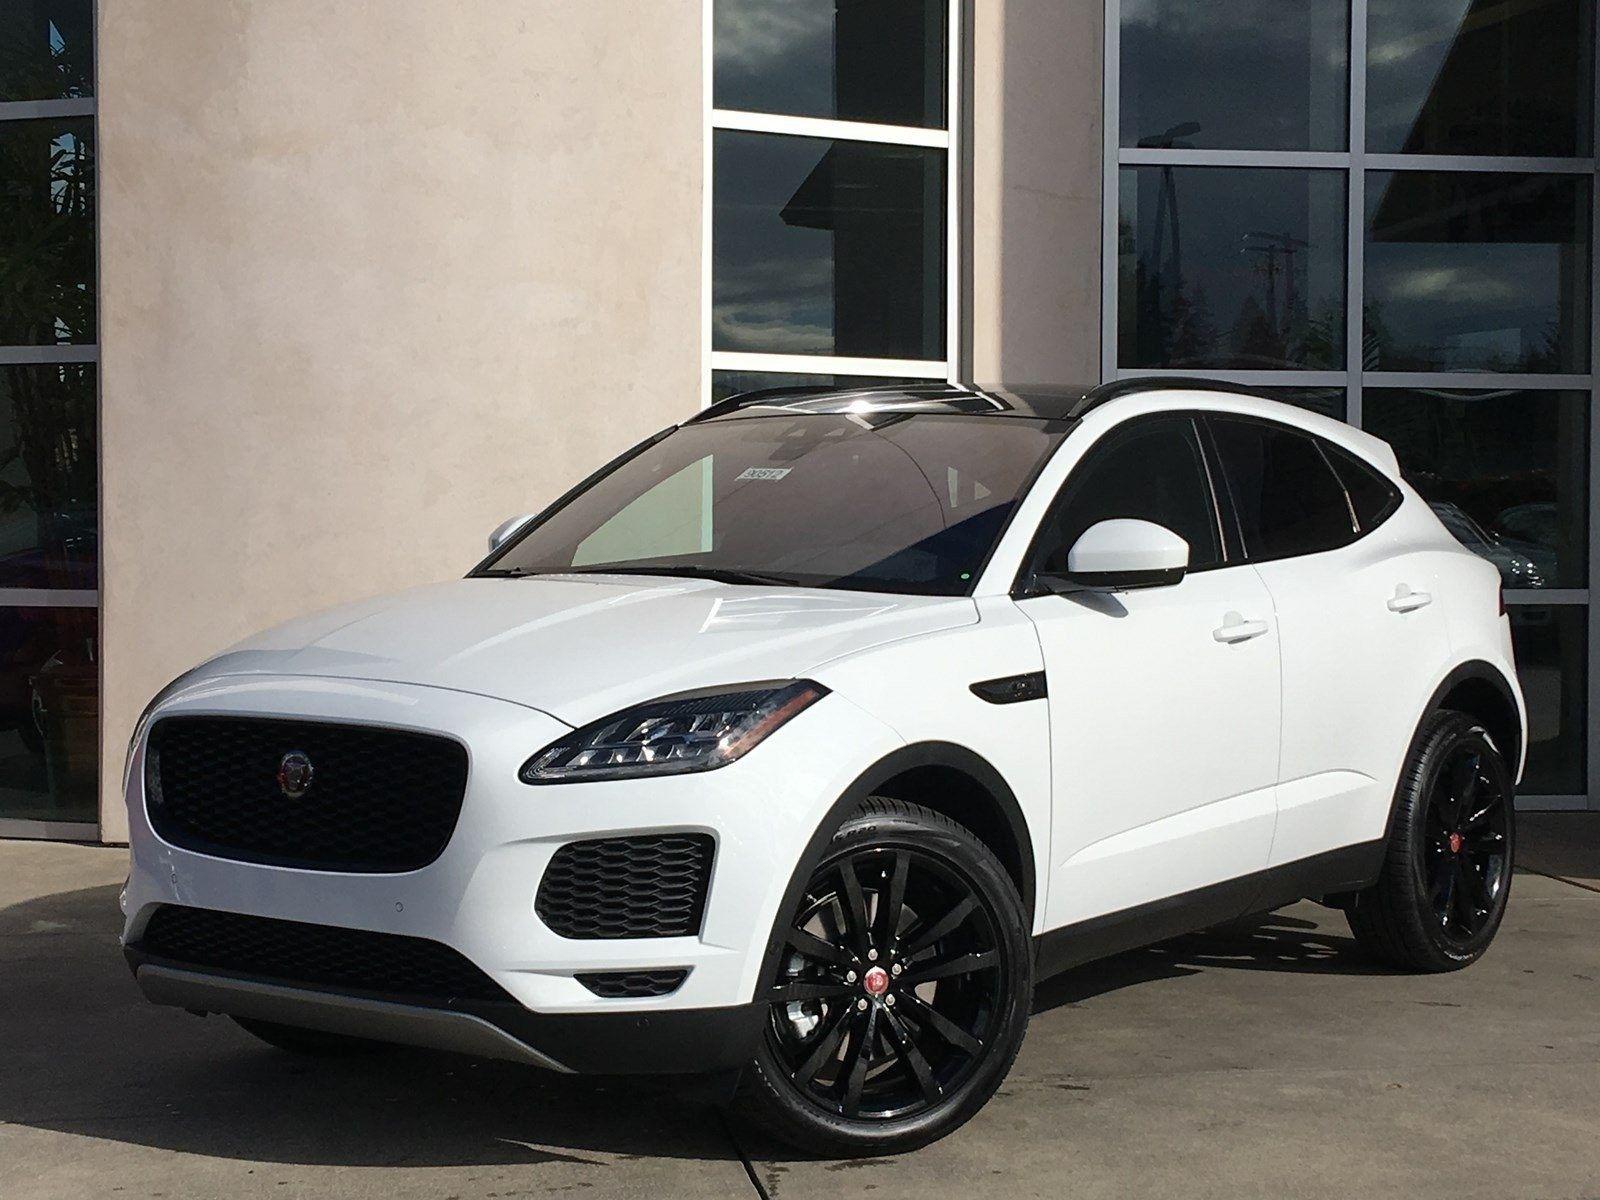 2020 Jaguar FPace Svr Concept (With images) Jaguar, New